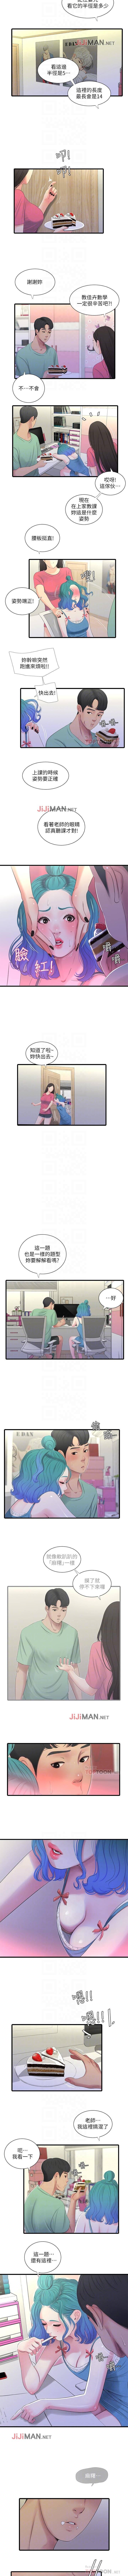 【周四连载】亲家四姐妹(作者:愛摸) 第1~31话 111